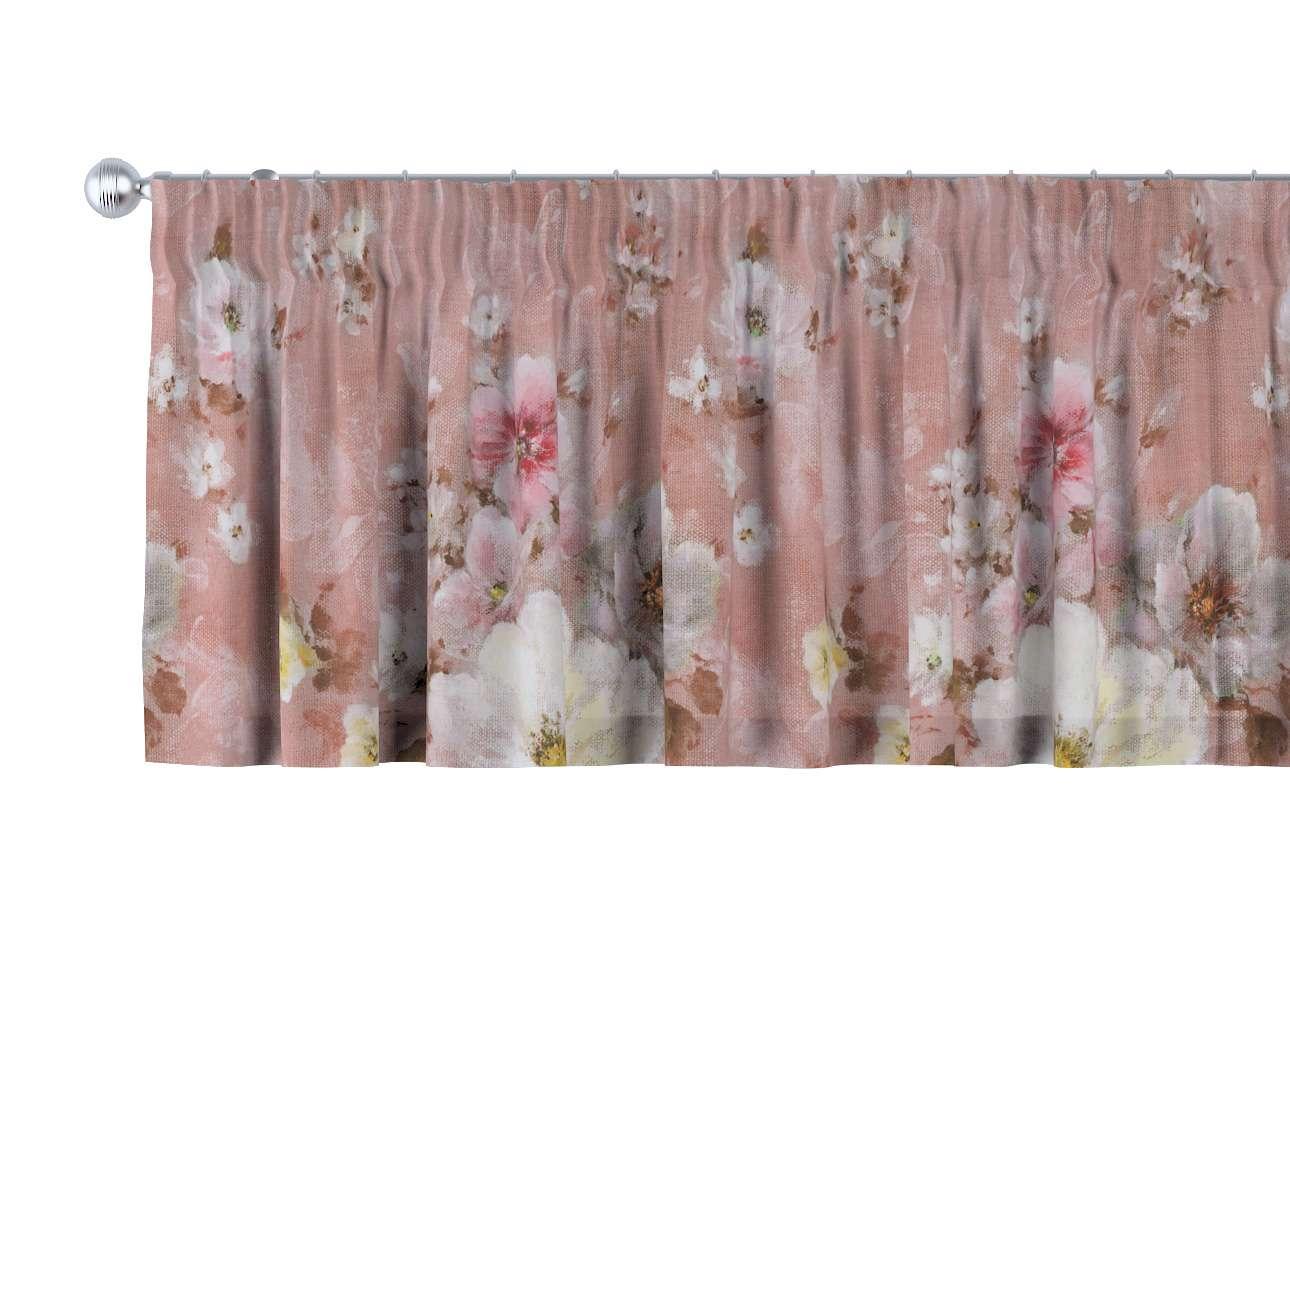 Lambrekin na taśmie marszczącej 130 x 40 cm w kolekcji Monet, tkanina: 137-83